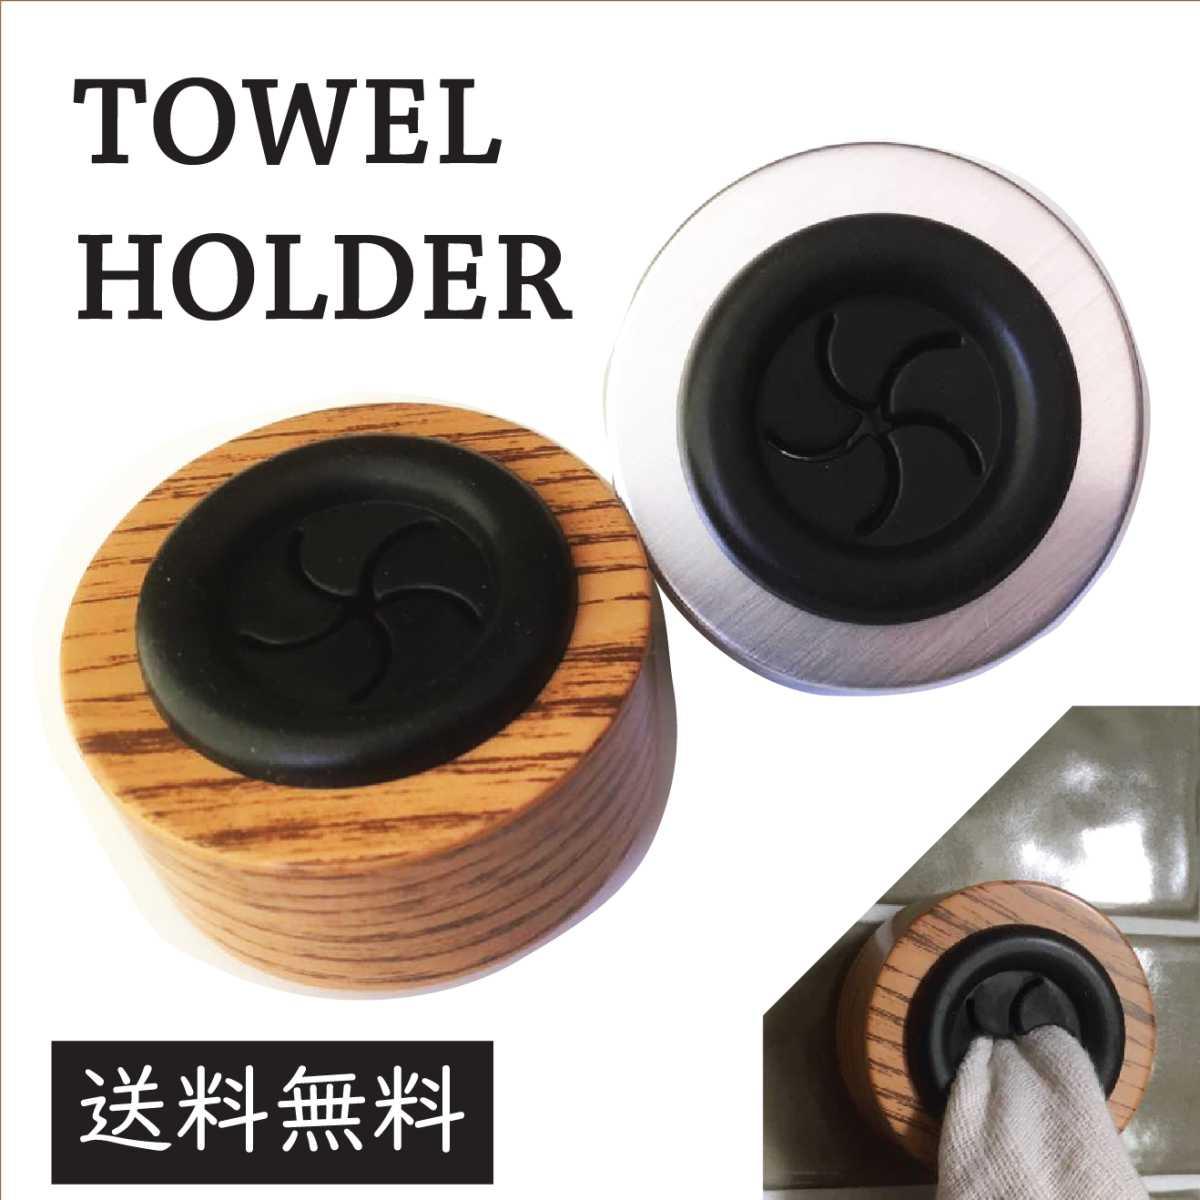 吸盤タイプ★コンパクトでおしゃれ【HOOKING TOWEL HOLDER】フッキングタオルホルダー(ウッド・メタリック)